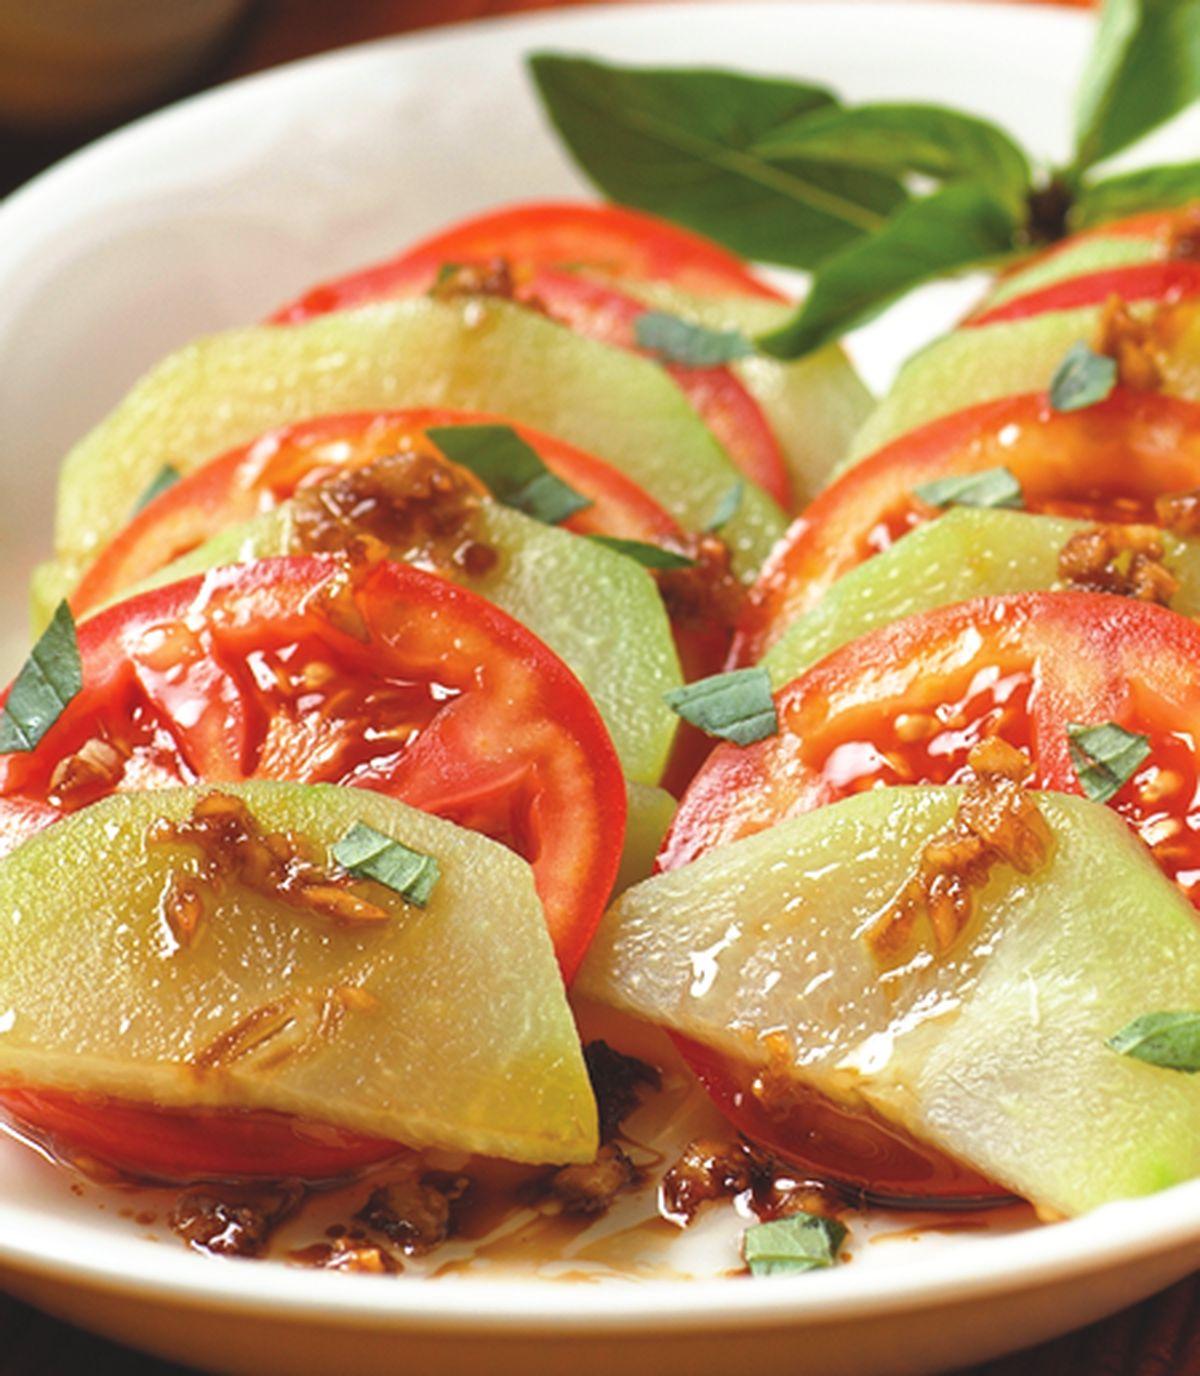 【食譜】涼拌紅茄佛手瓜:www.ytower.com.tw